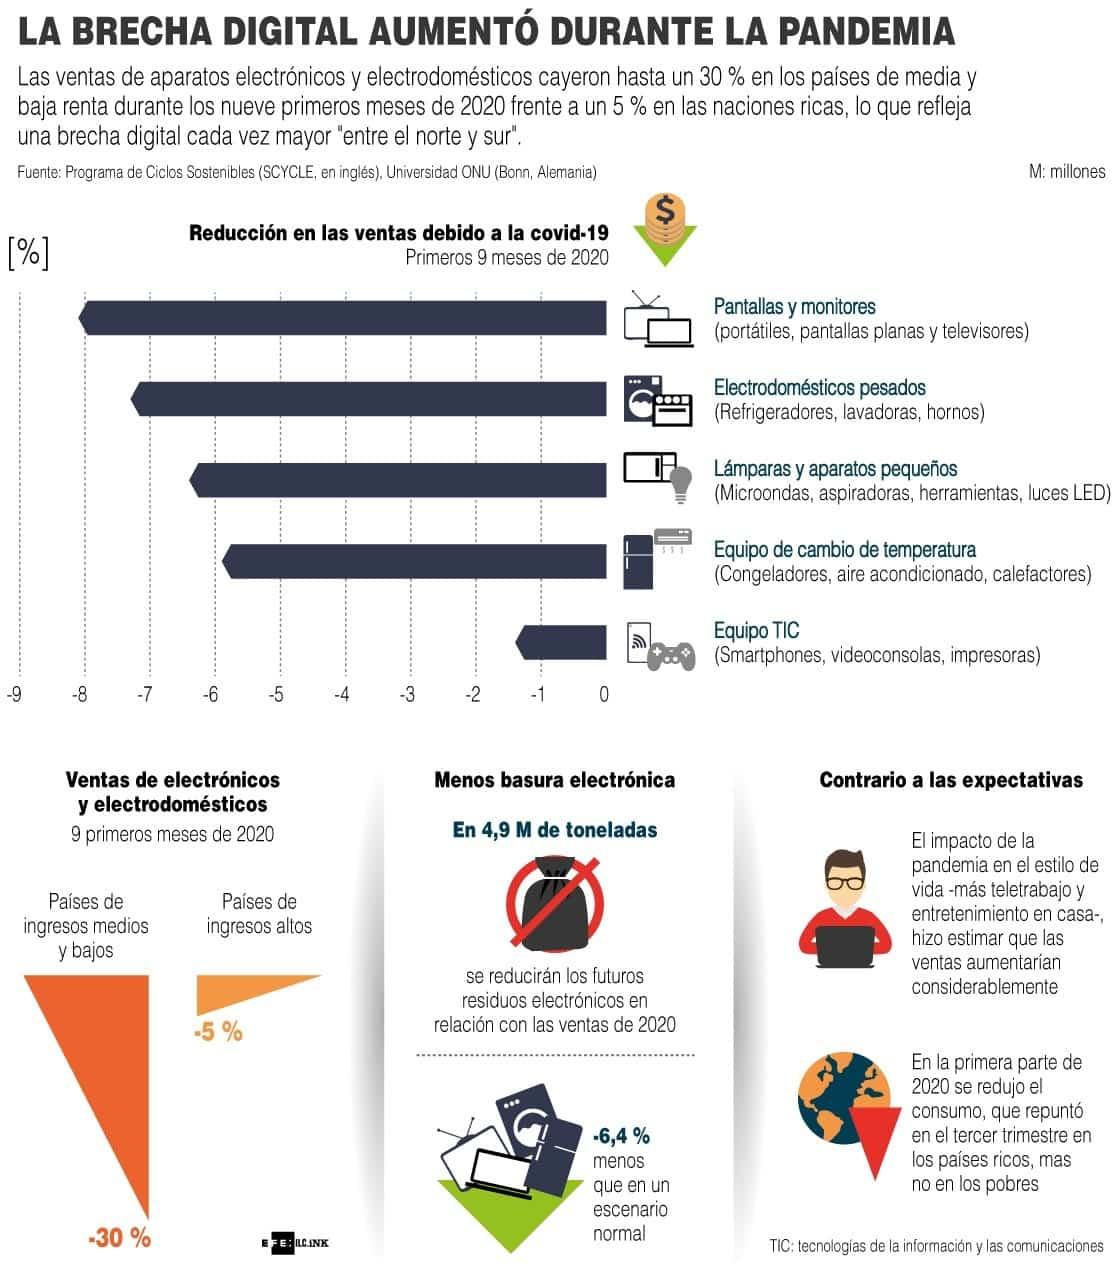 [Infografía] La brecha digital entre norte y sur aumentó durante la pandemia, según la ONU 1